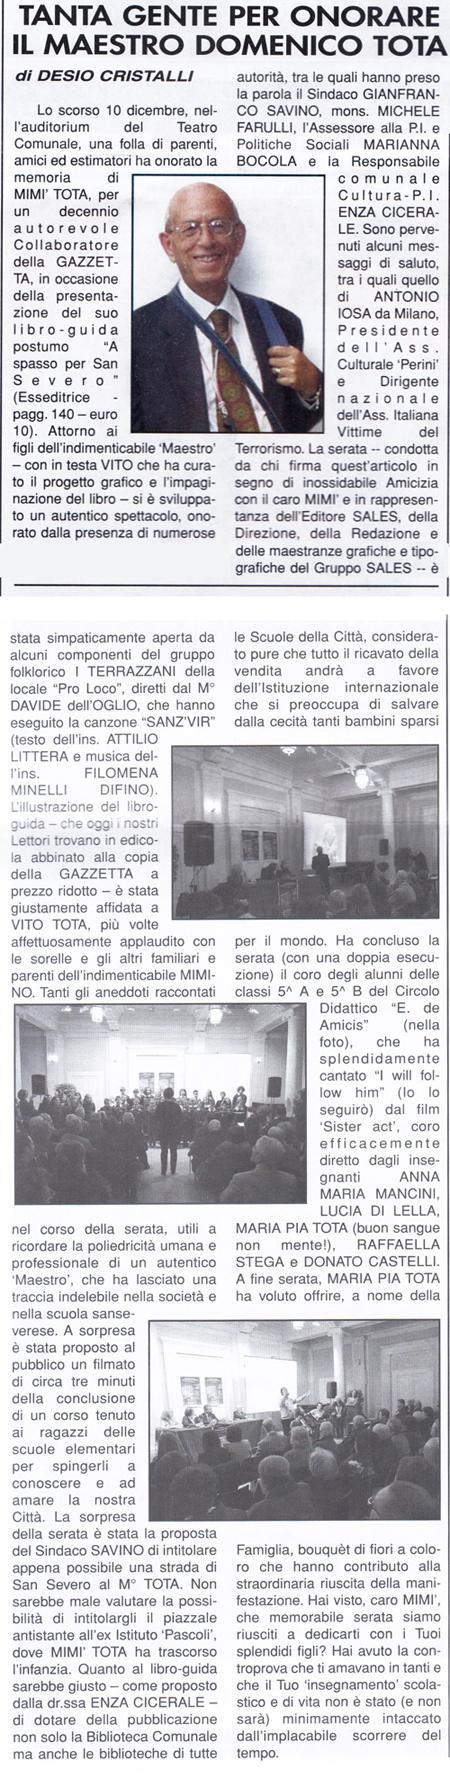 LA GAZZETTA DI SAN SEVERO 16 12 2011